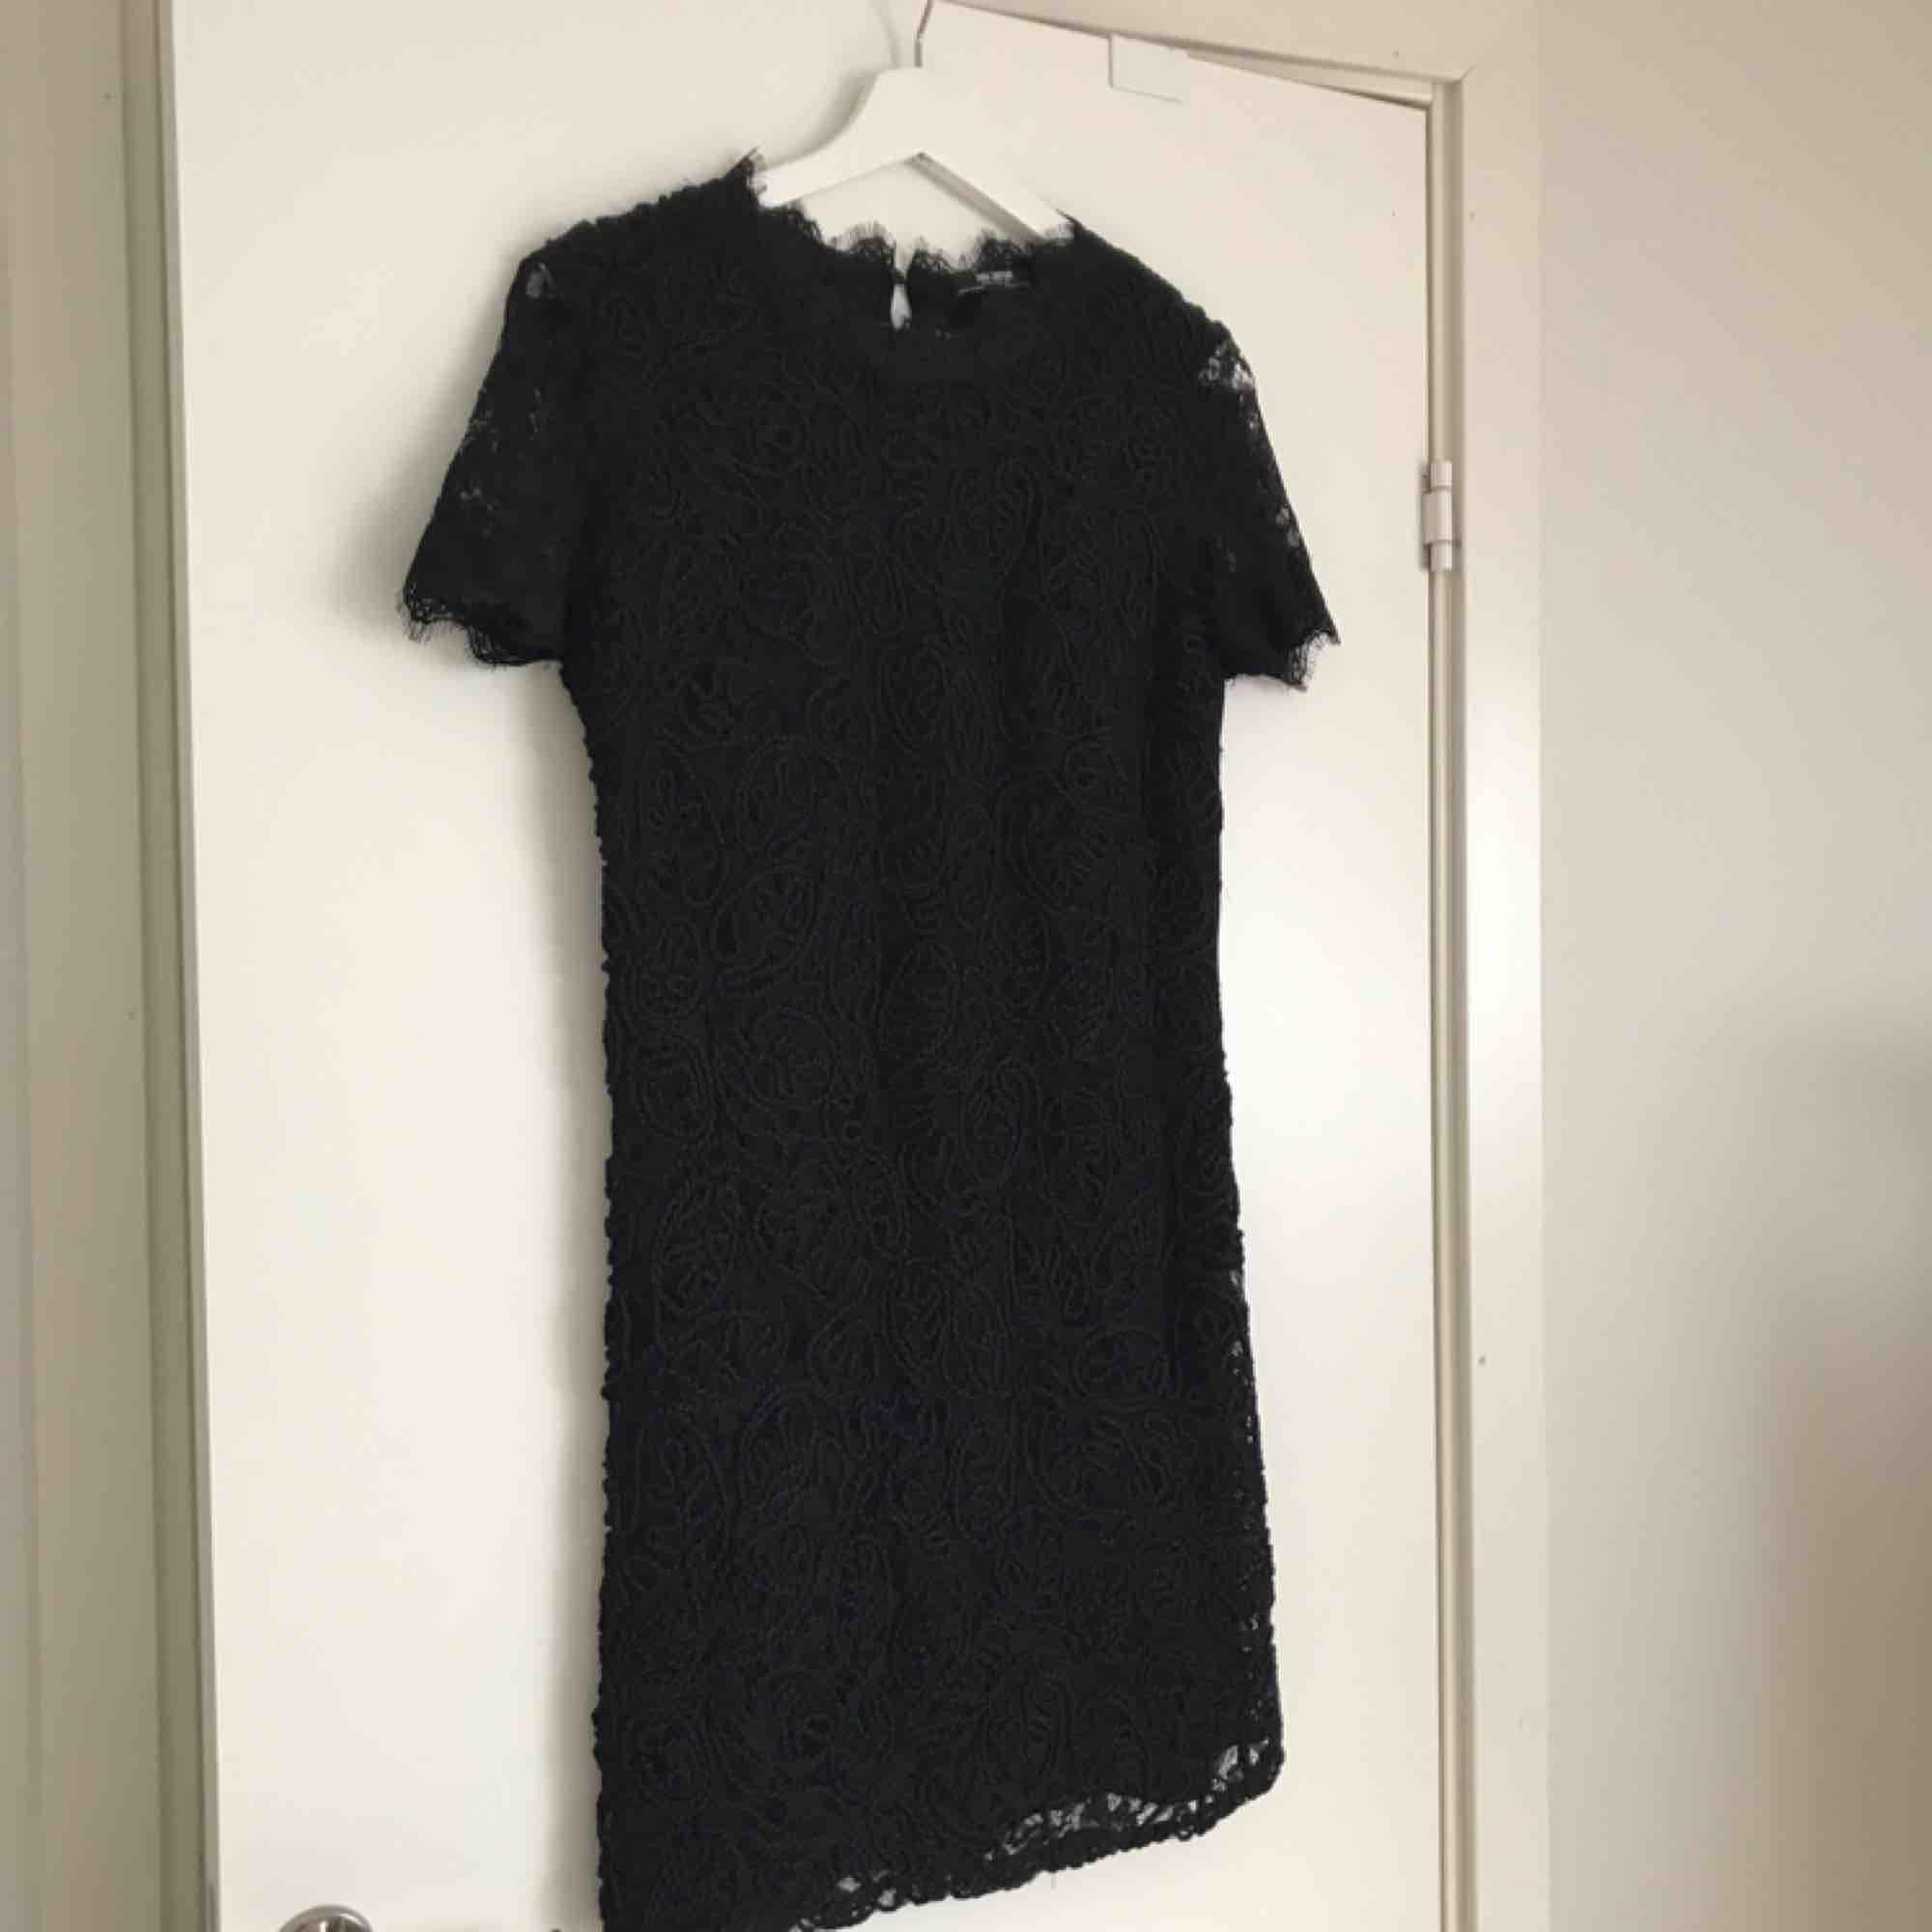 Superfin klänning från Zara i strl S. Knäpps i nacken. Helt oanvänd då den är för liten för mig! 🌸. Klänningar.